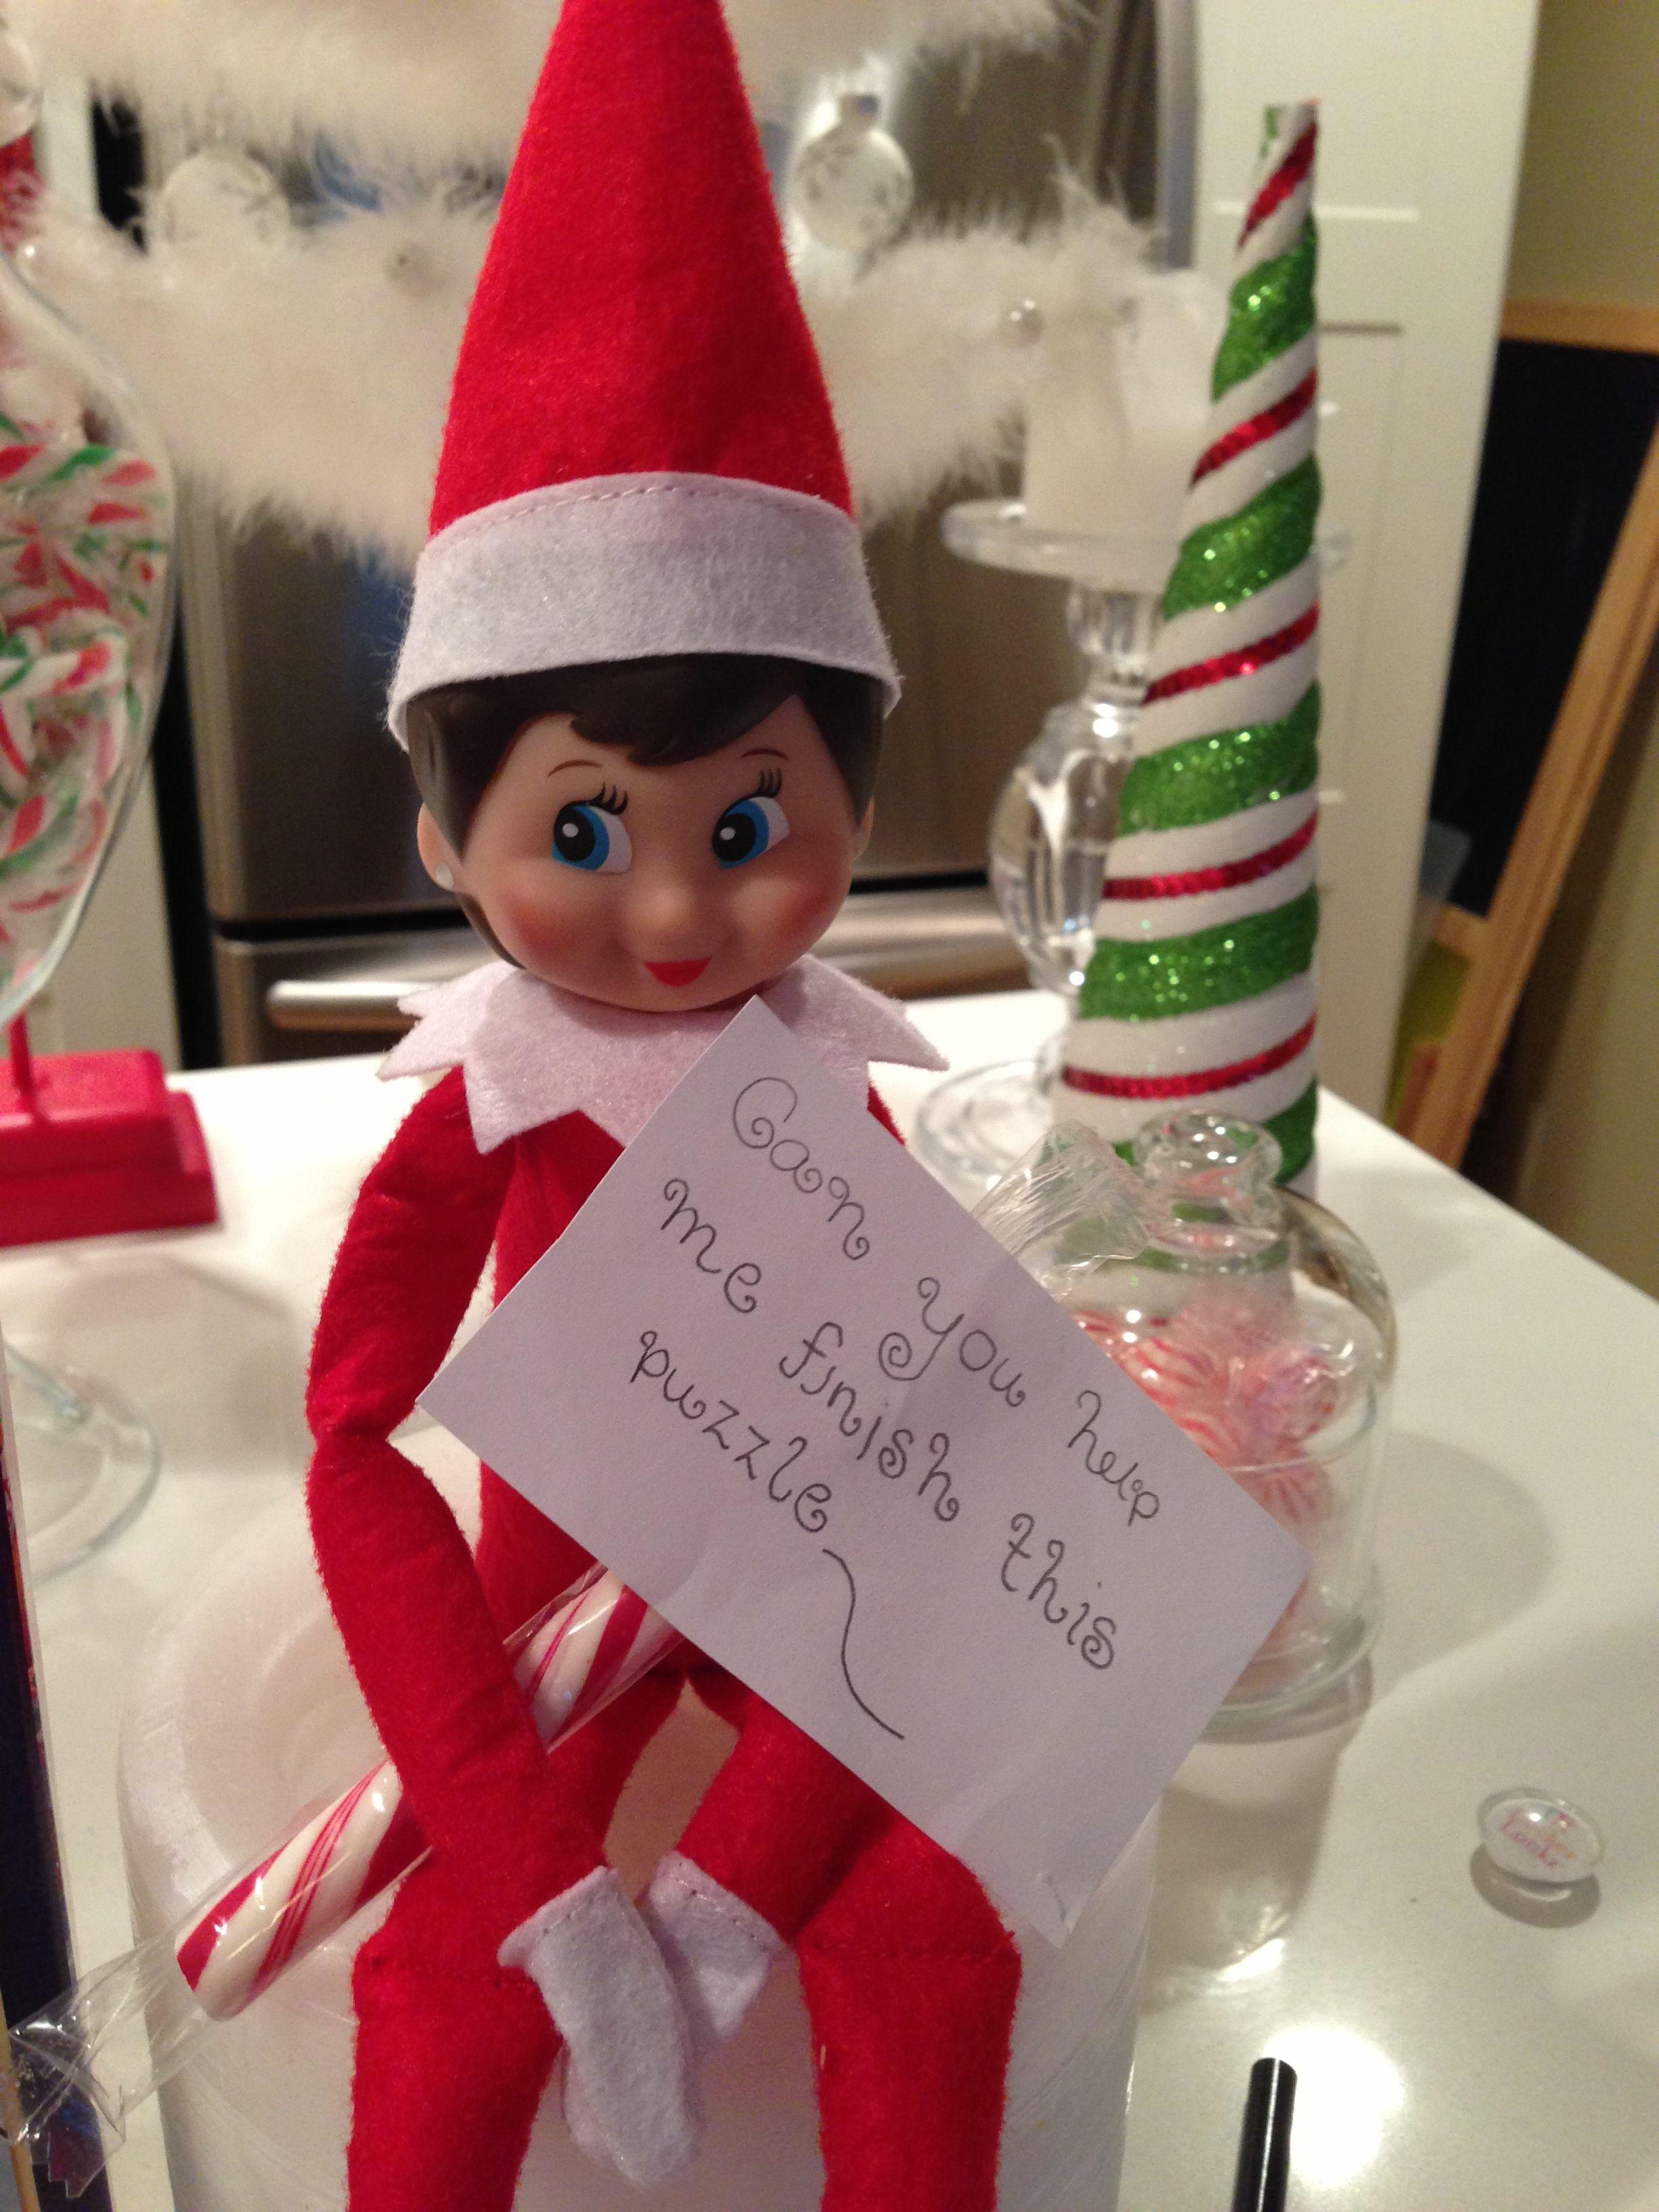 Puzzled Holiday decor, Decor, Elf on the shelf